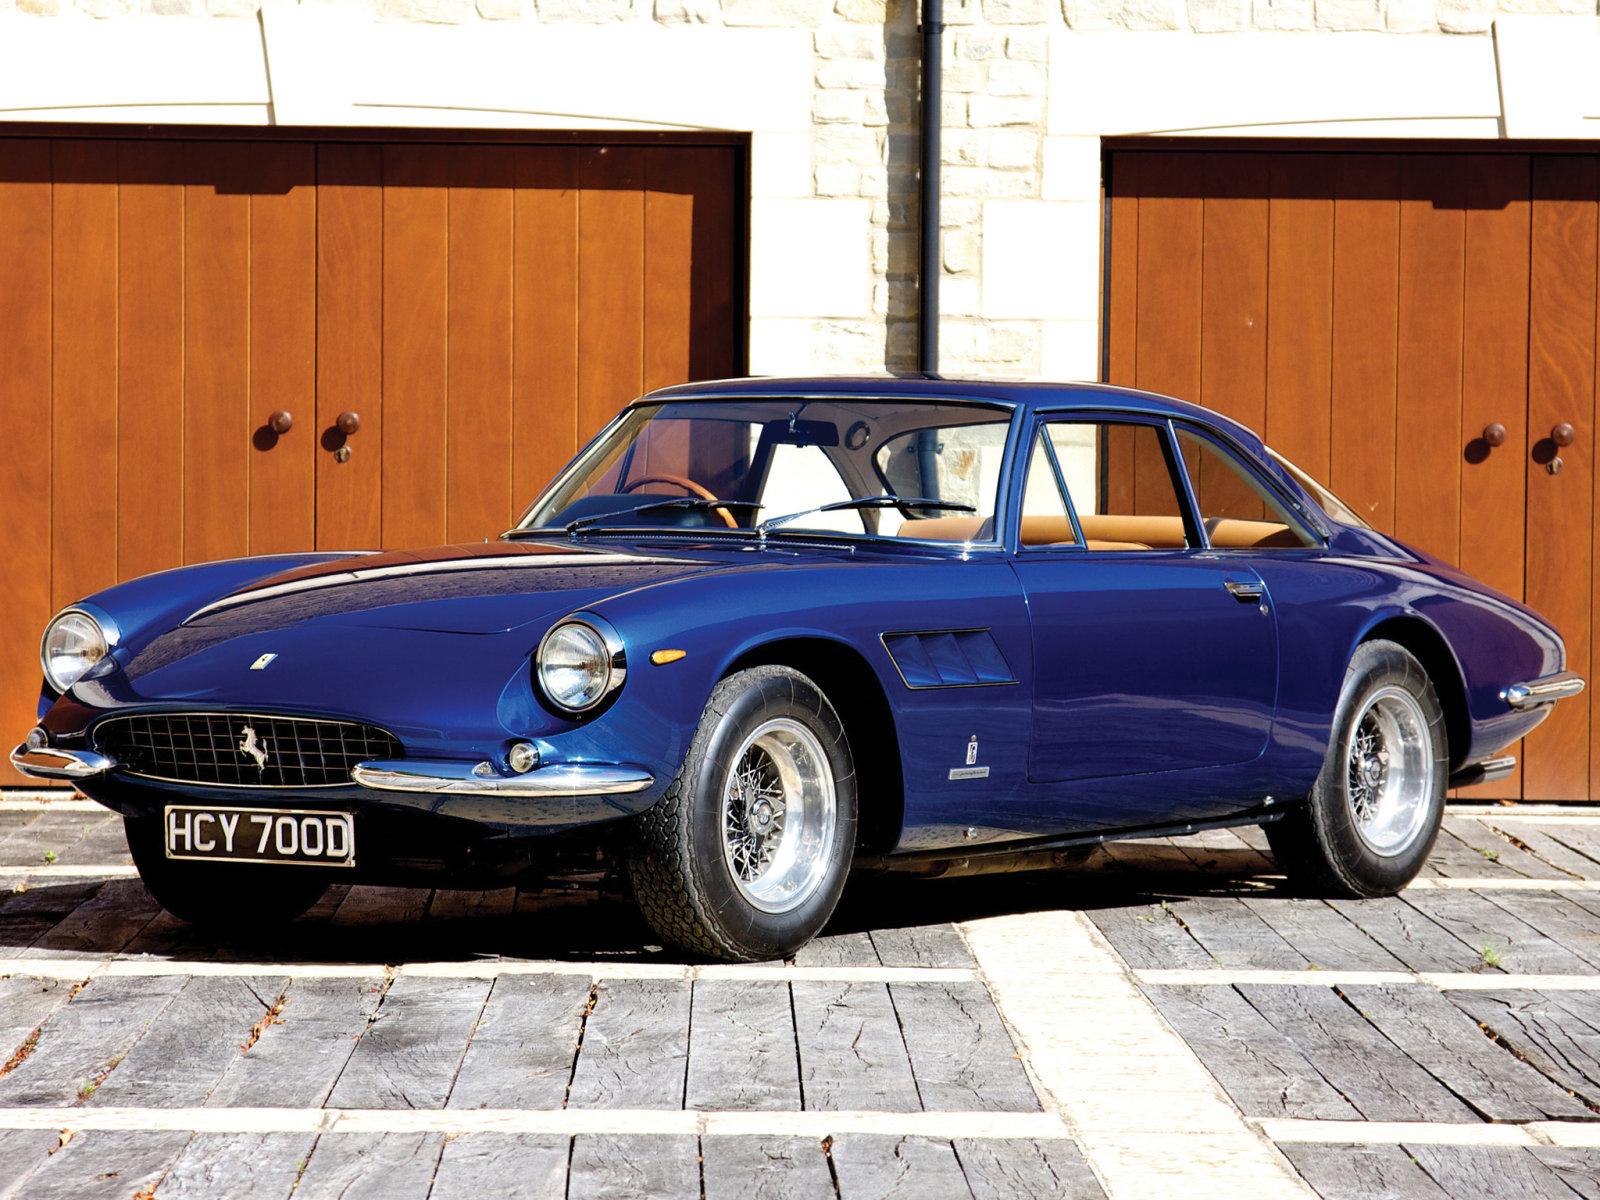 1964 Ferrari 500 Superfast - asaucerfulofwheels